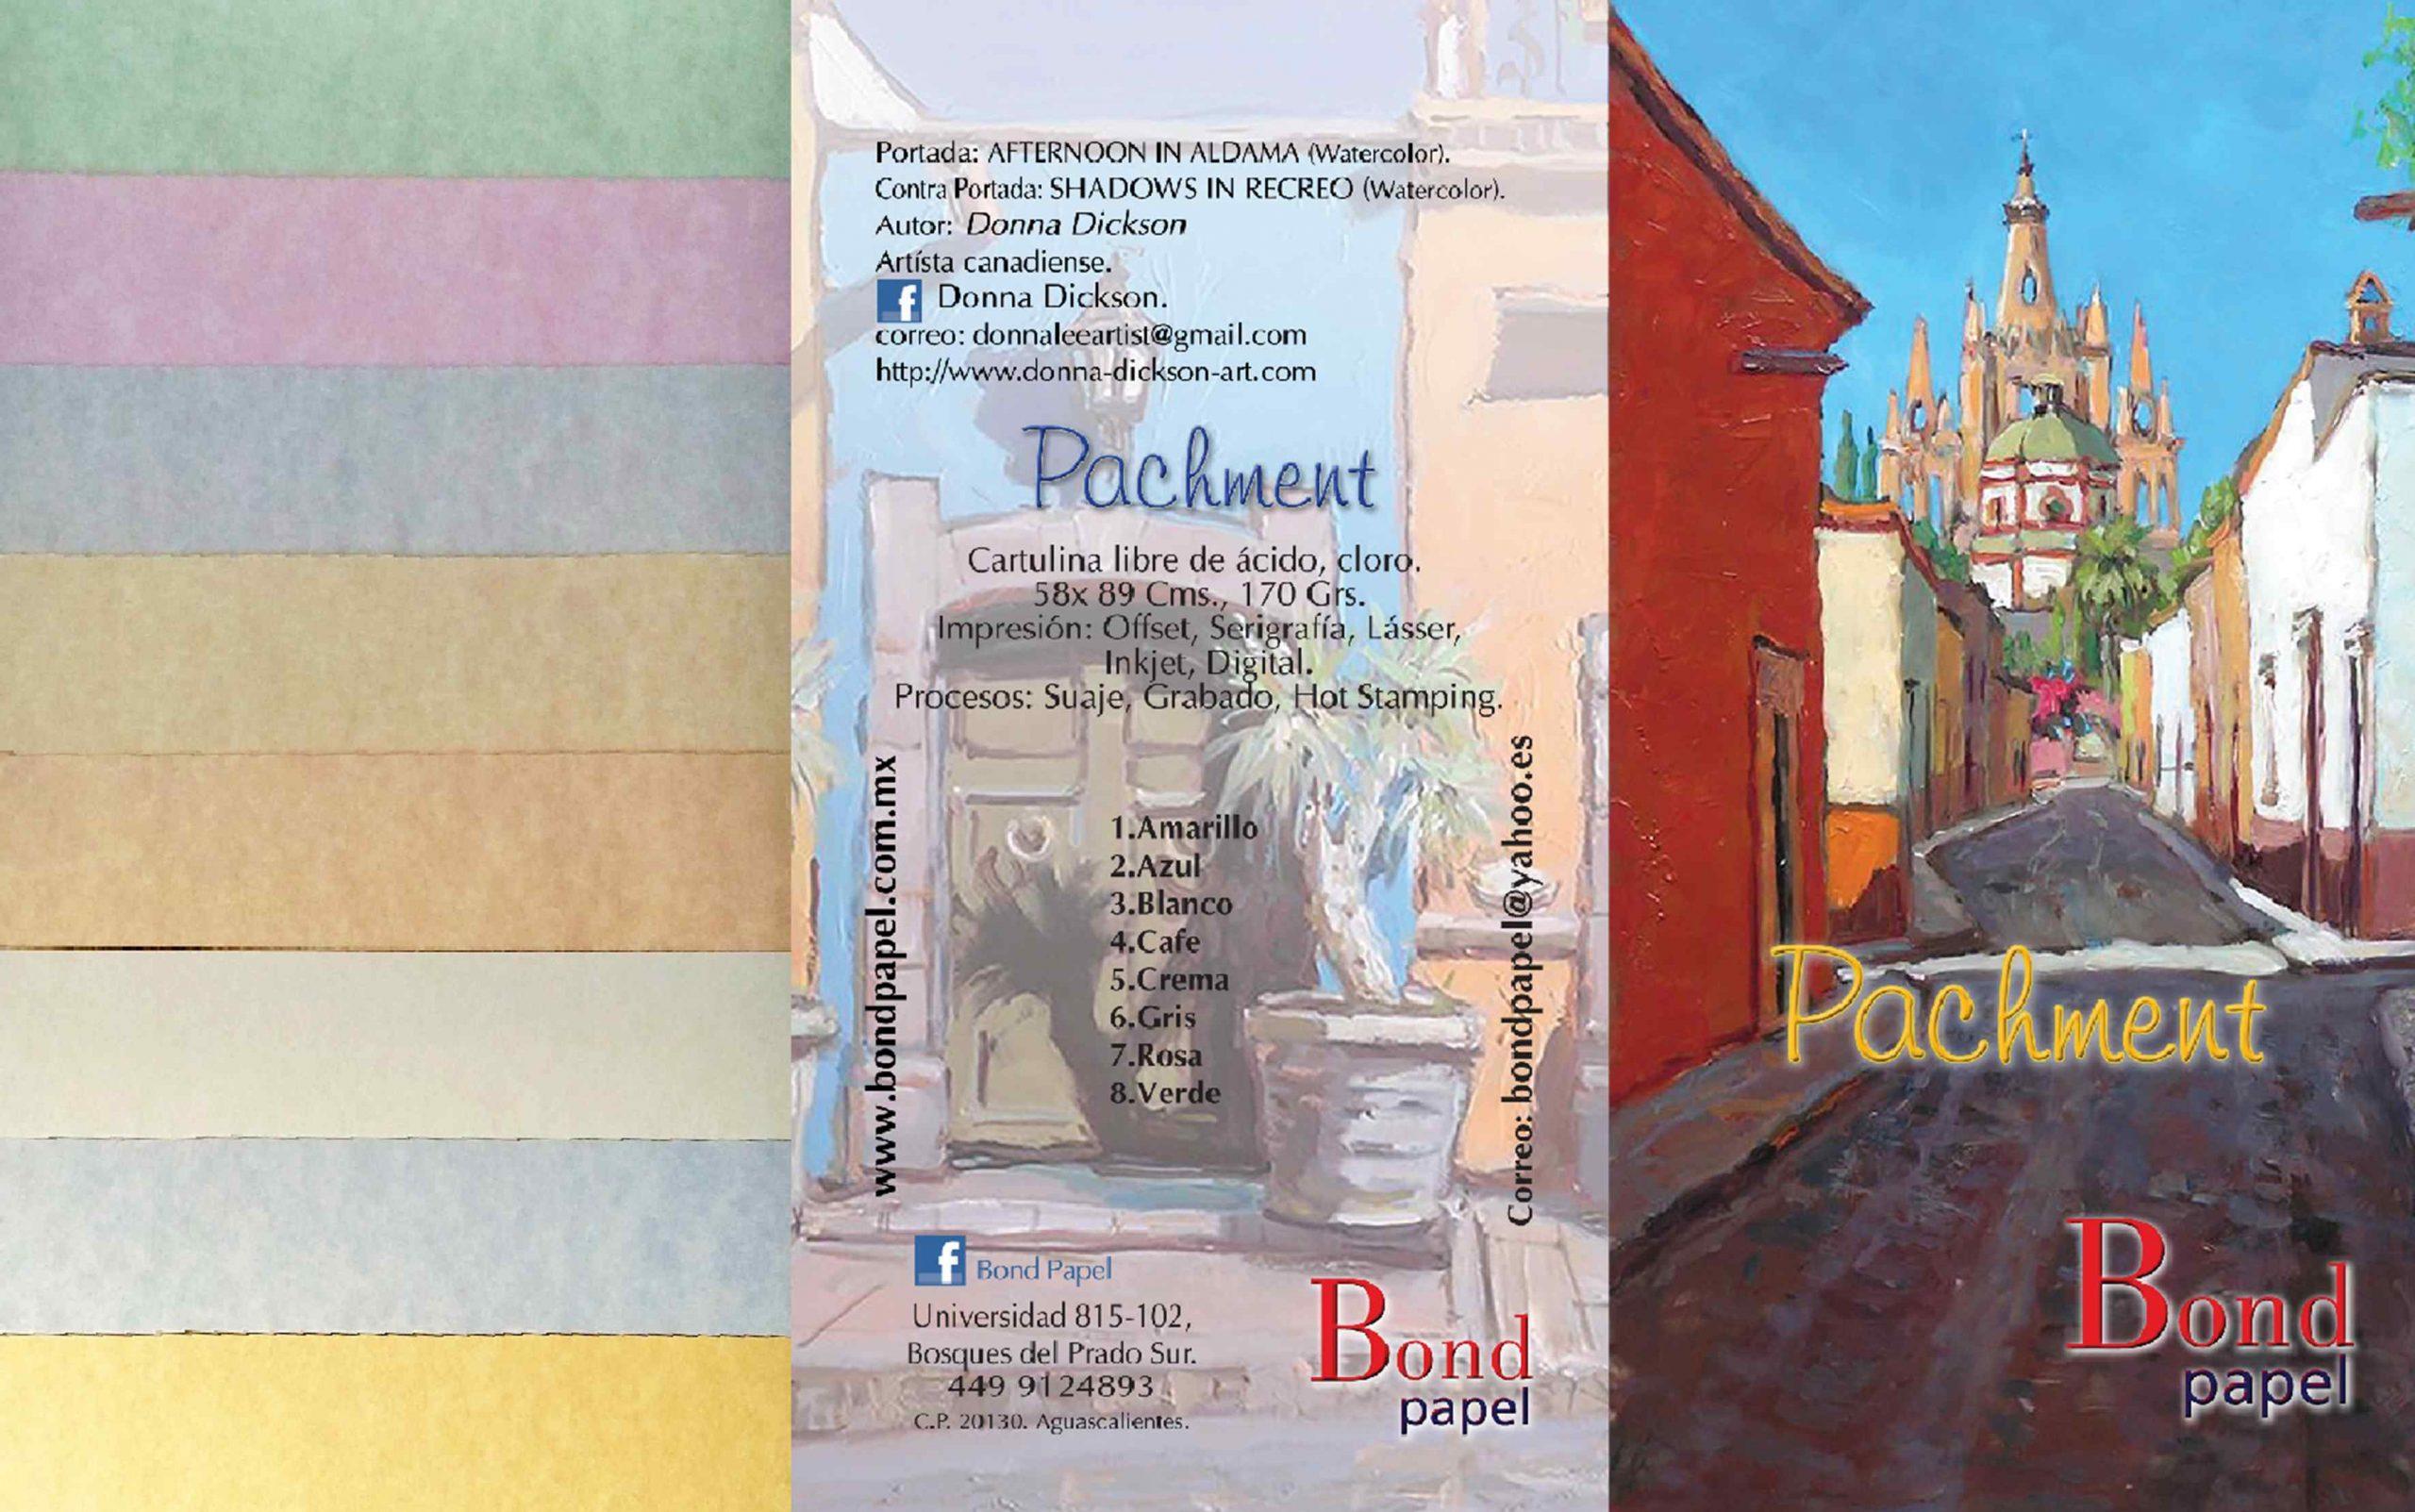 parchment-catálogo-bondpapel